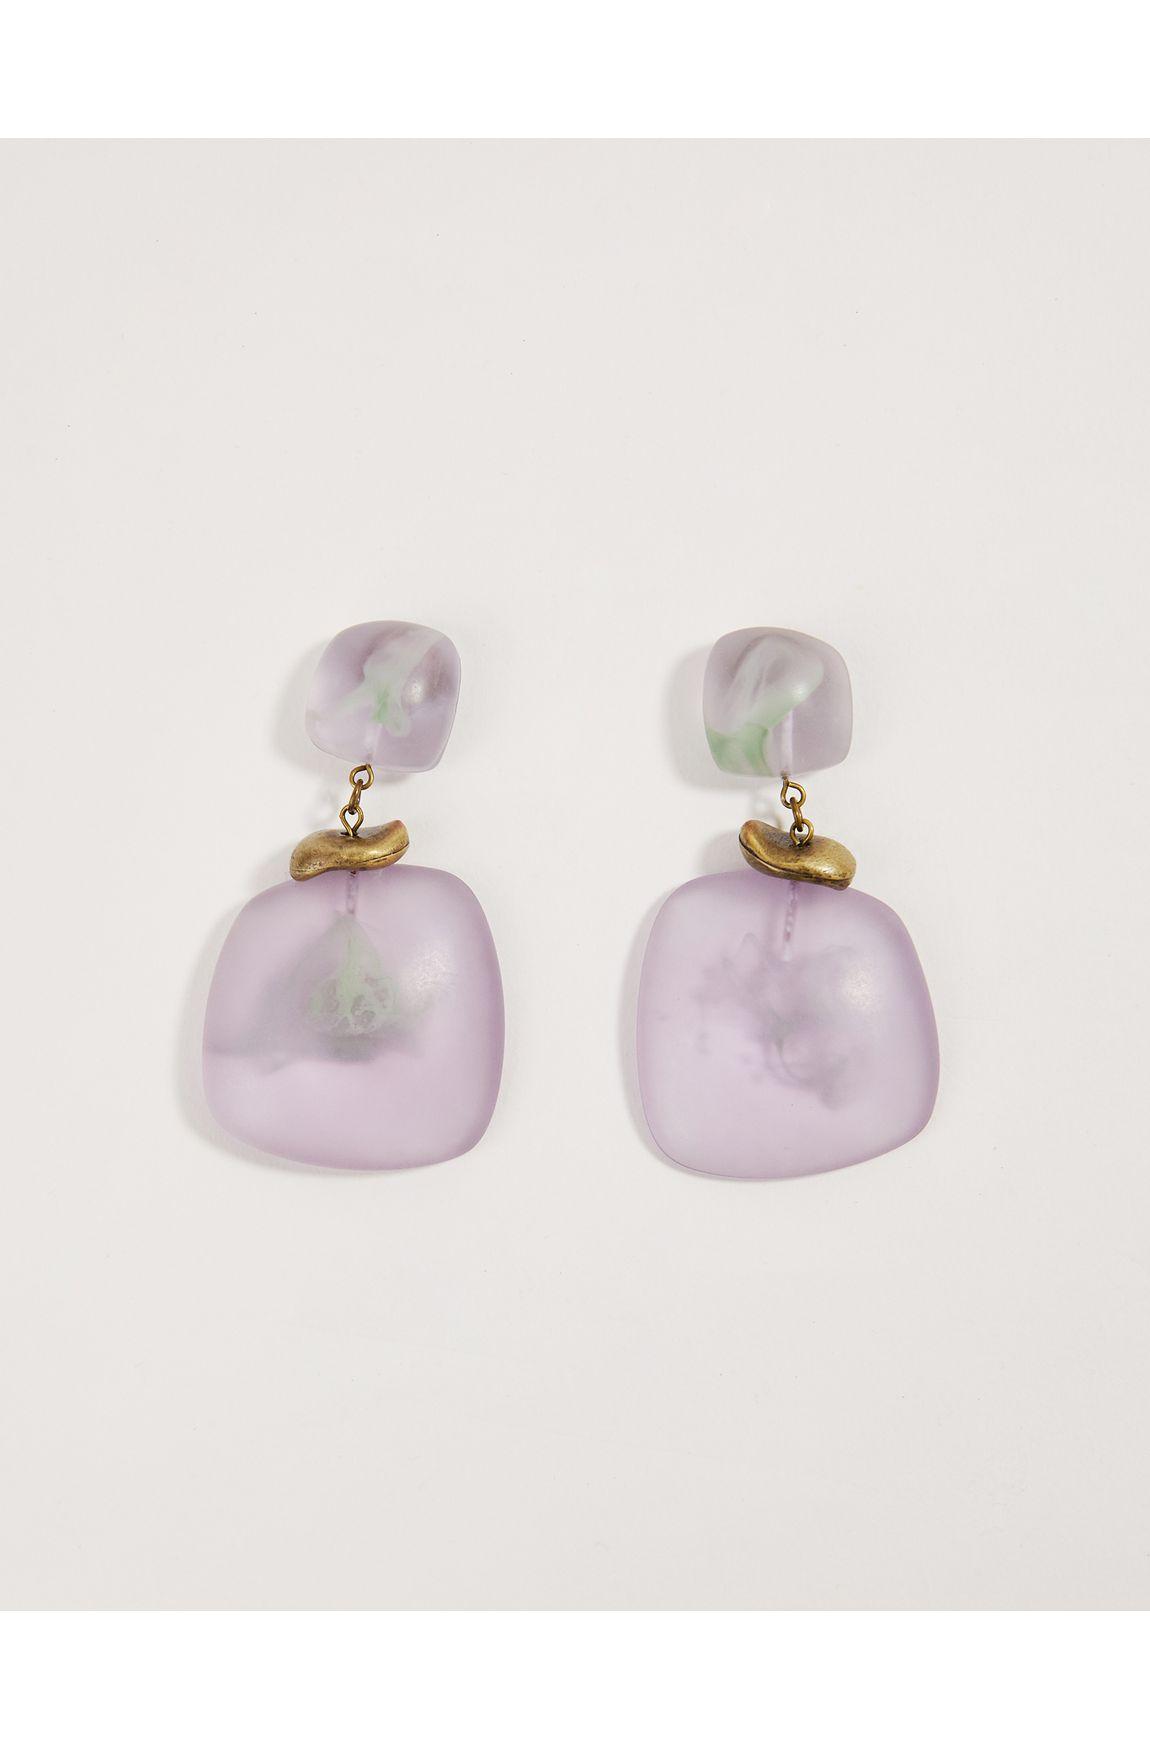 Brinco resina mescla lilas e verde